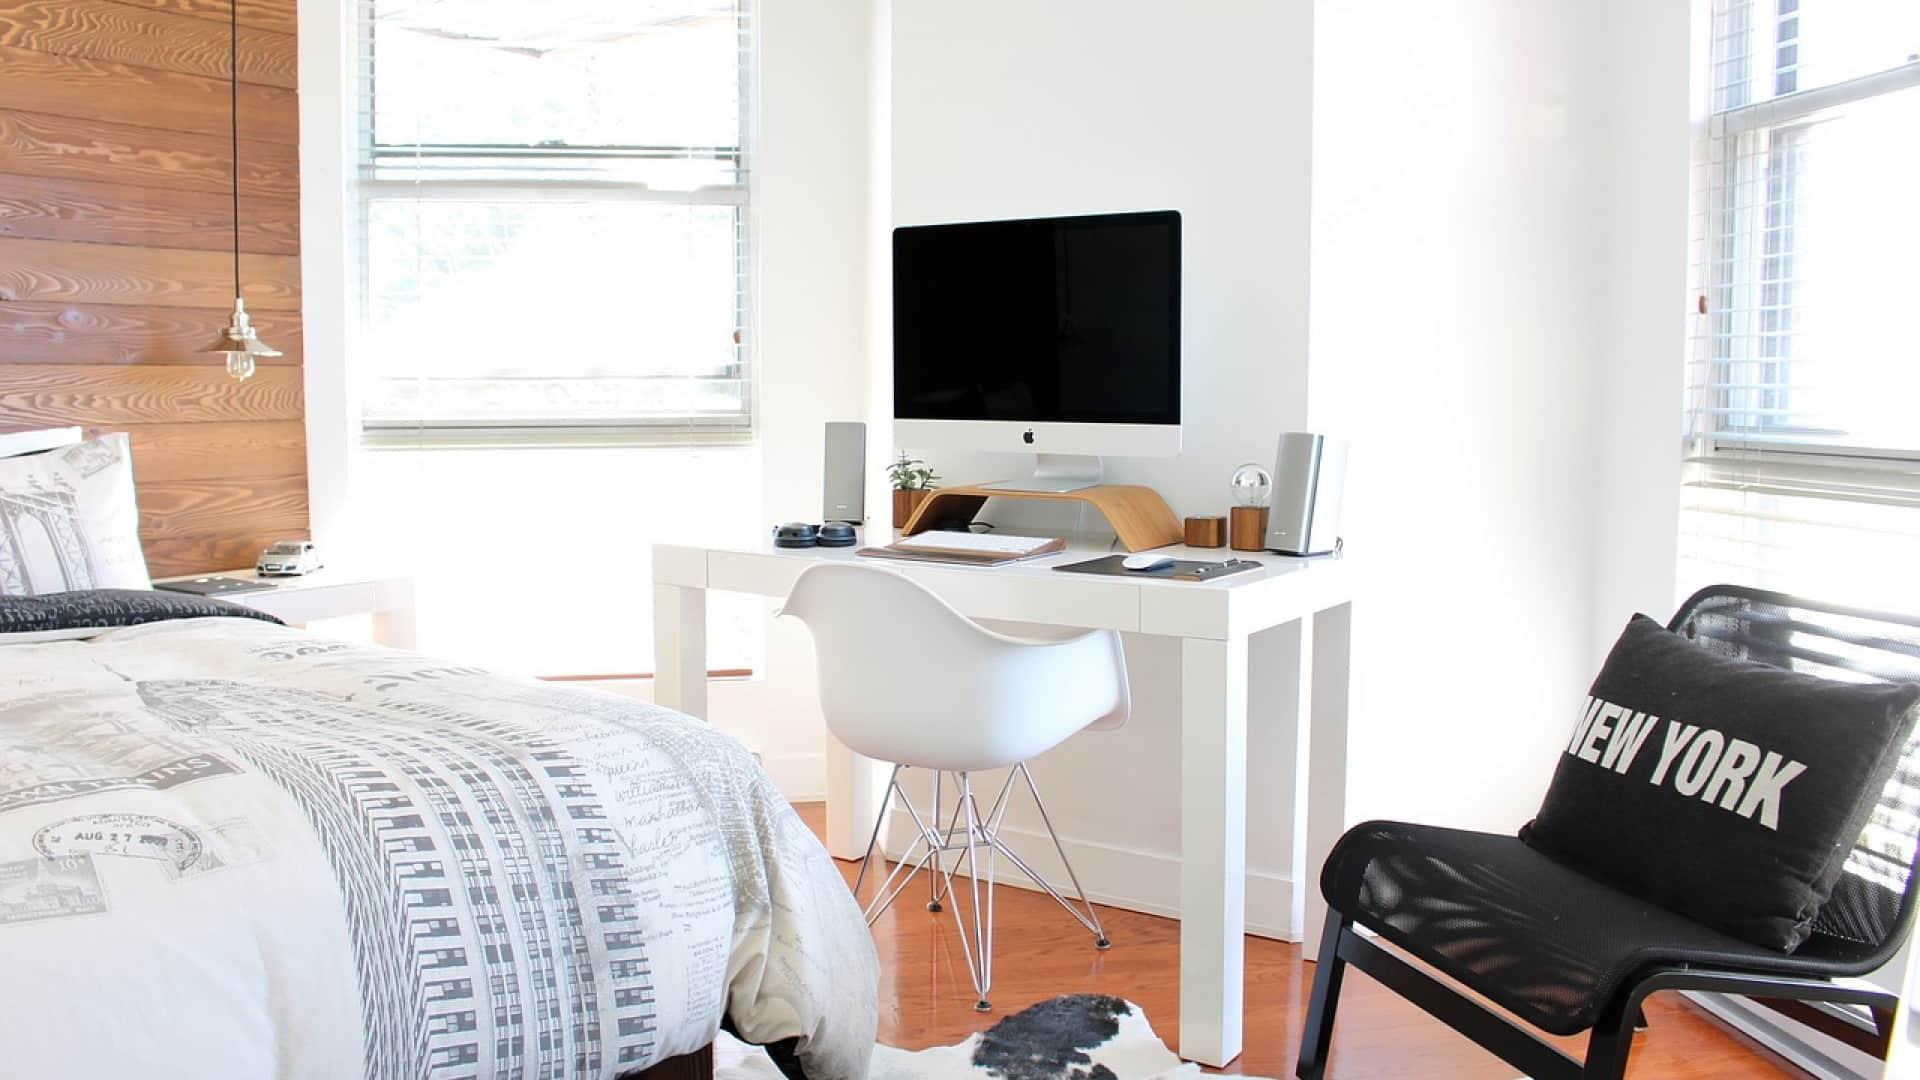 Comment choisir votre mobilier de chambre ?